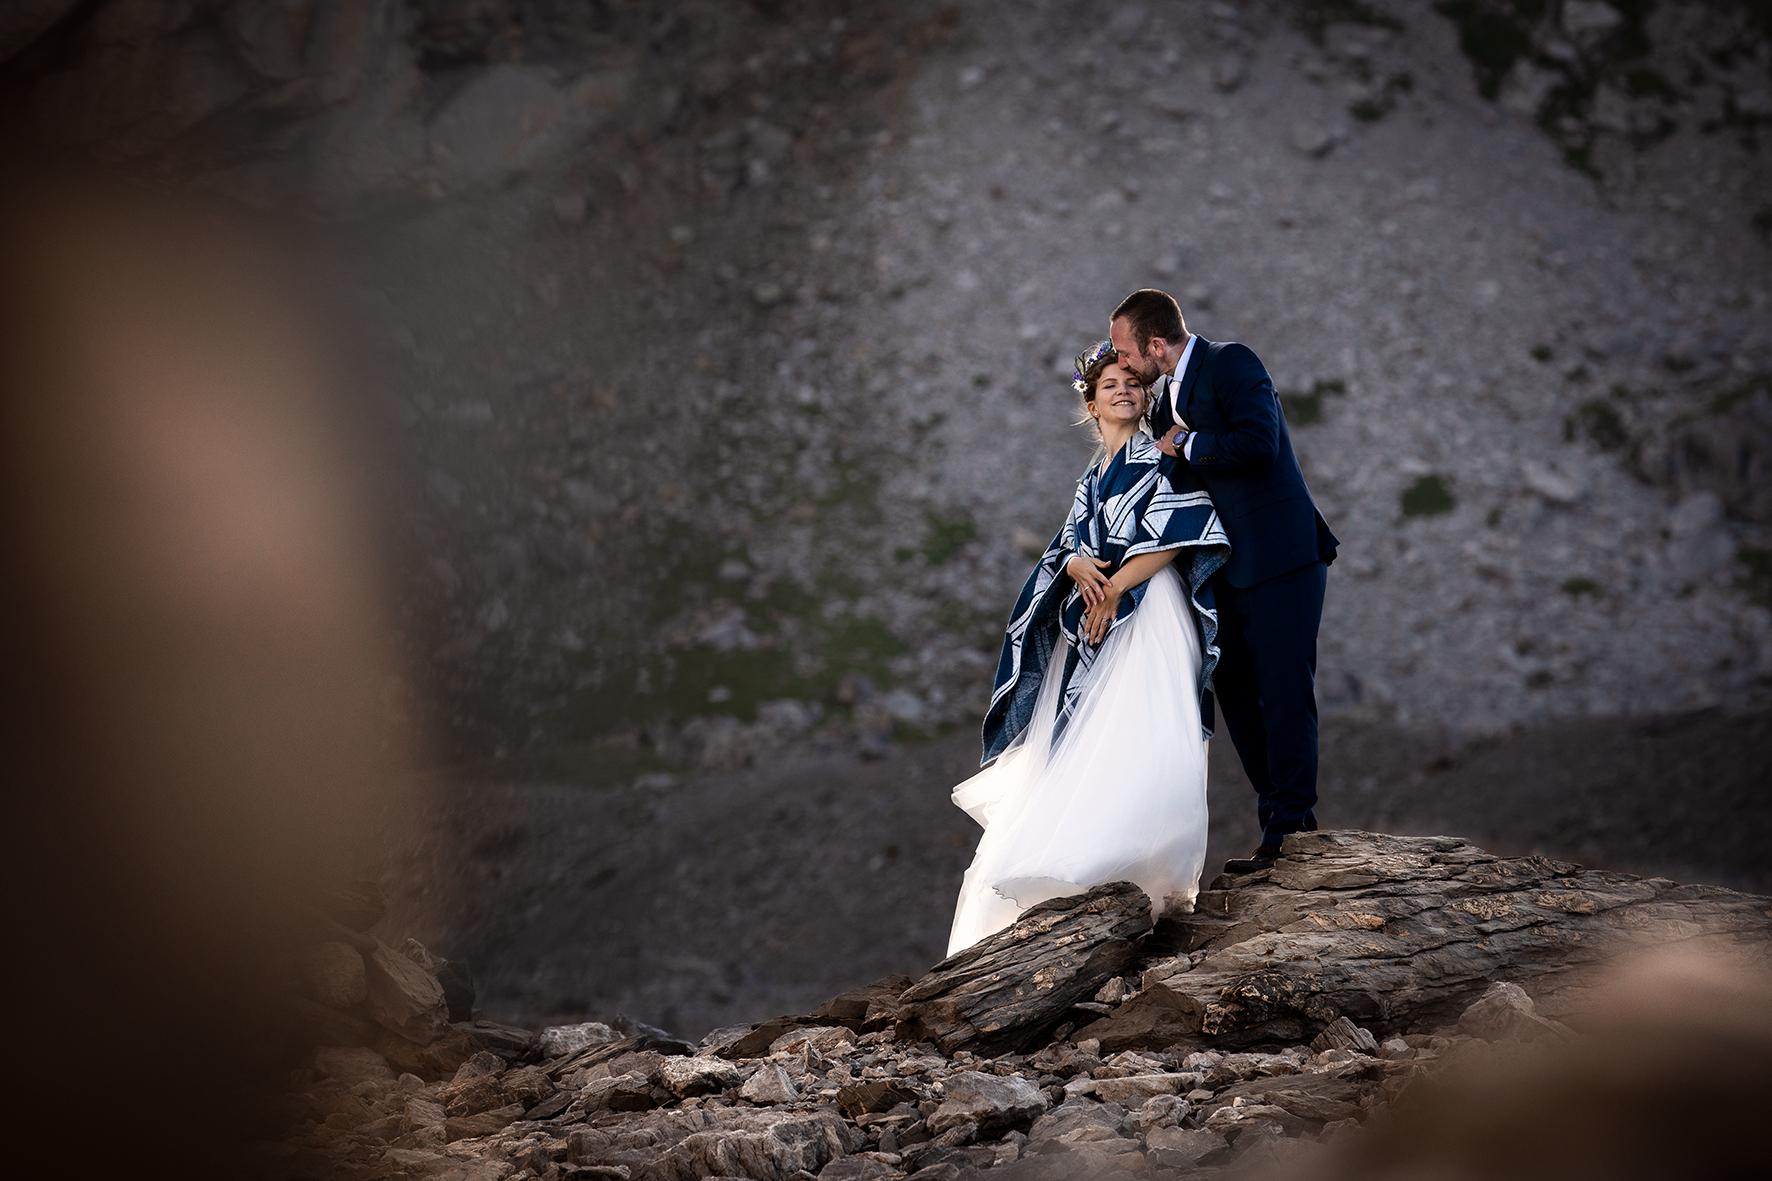 After_Wedding_Shooting_Schweiz_Alpen_12